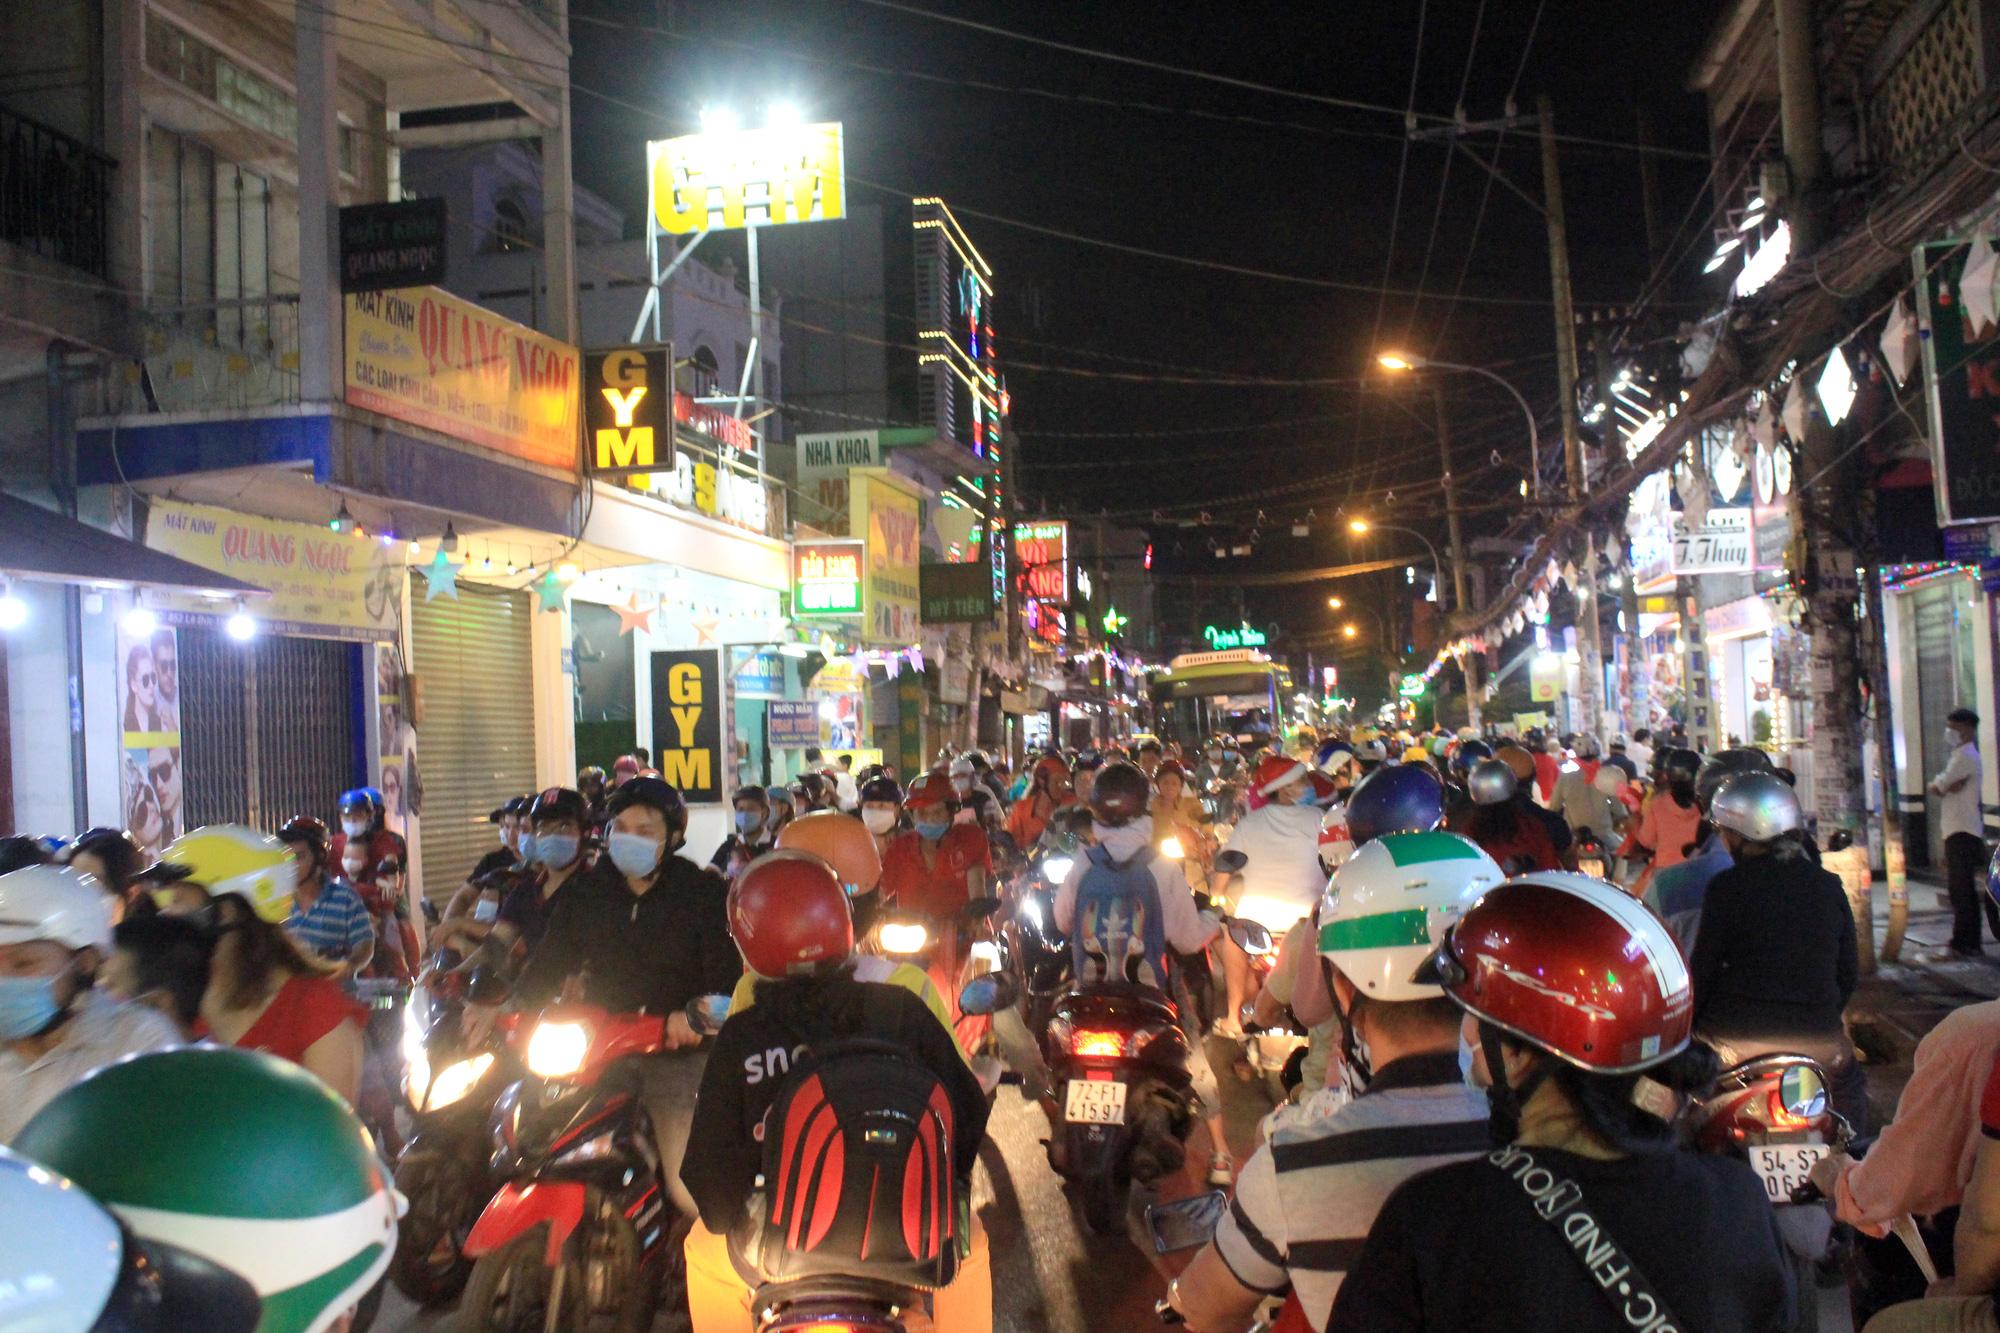 Đường Sài Gòn tắc nghẽn, người dân đổ xô đi chơi Giáng sinh - Ảnh 14.